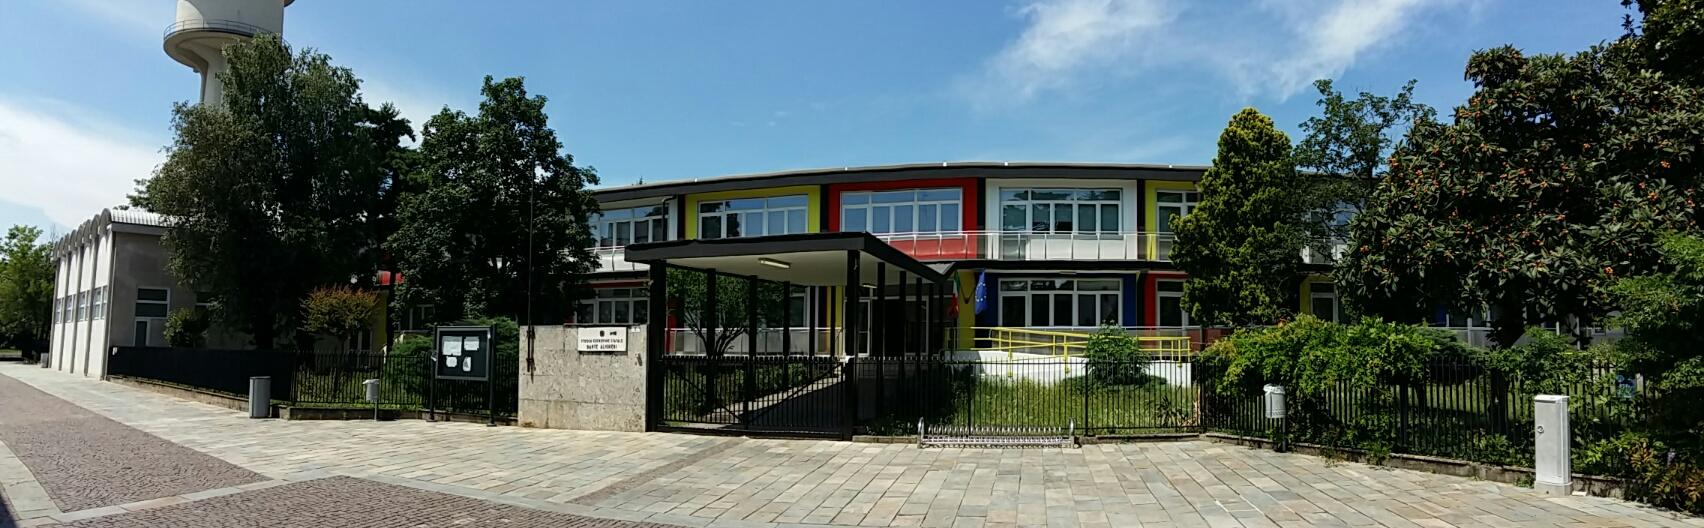 scuola_kennedy_13giugno16.jpg